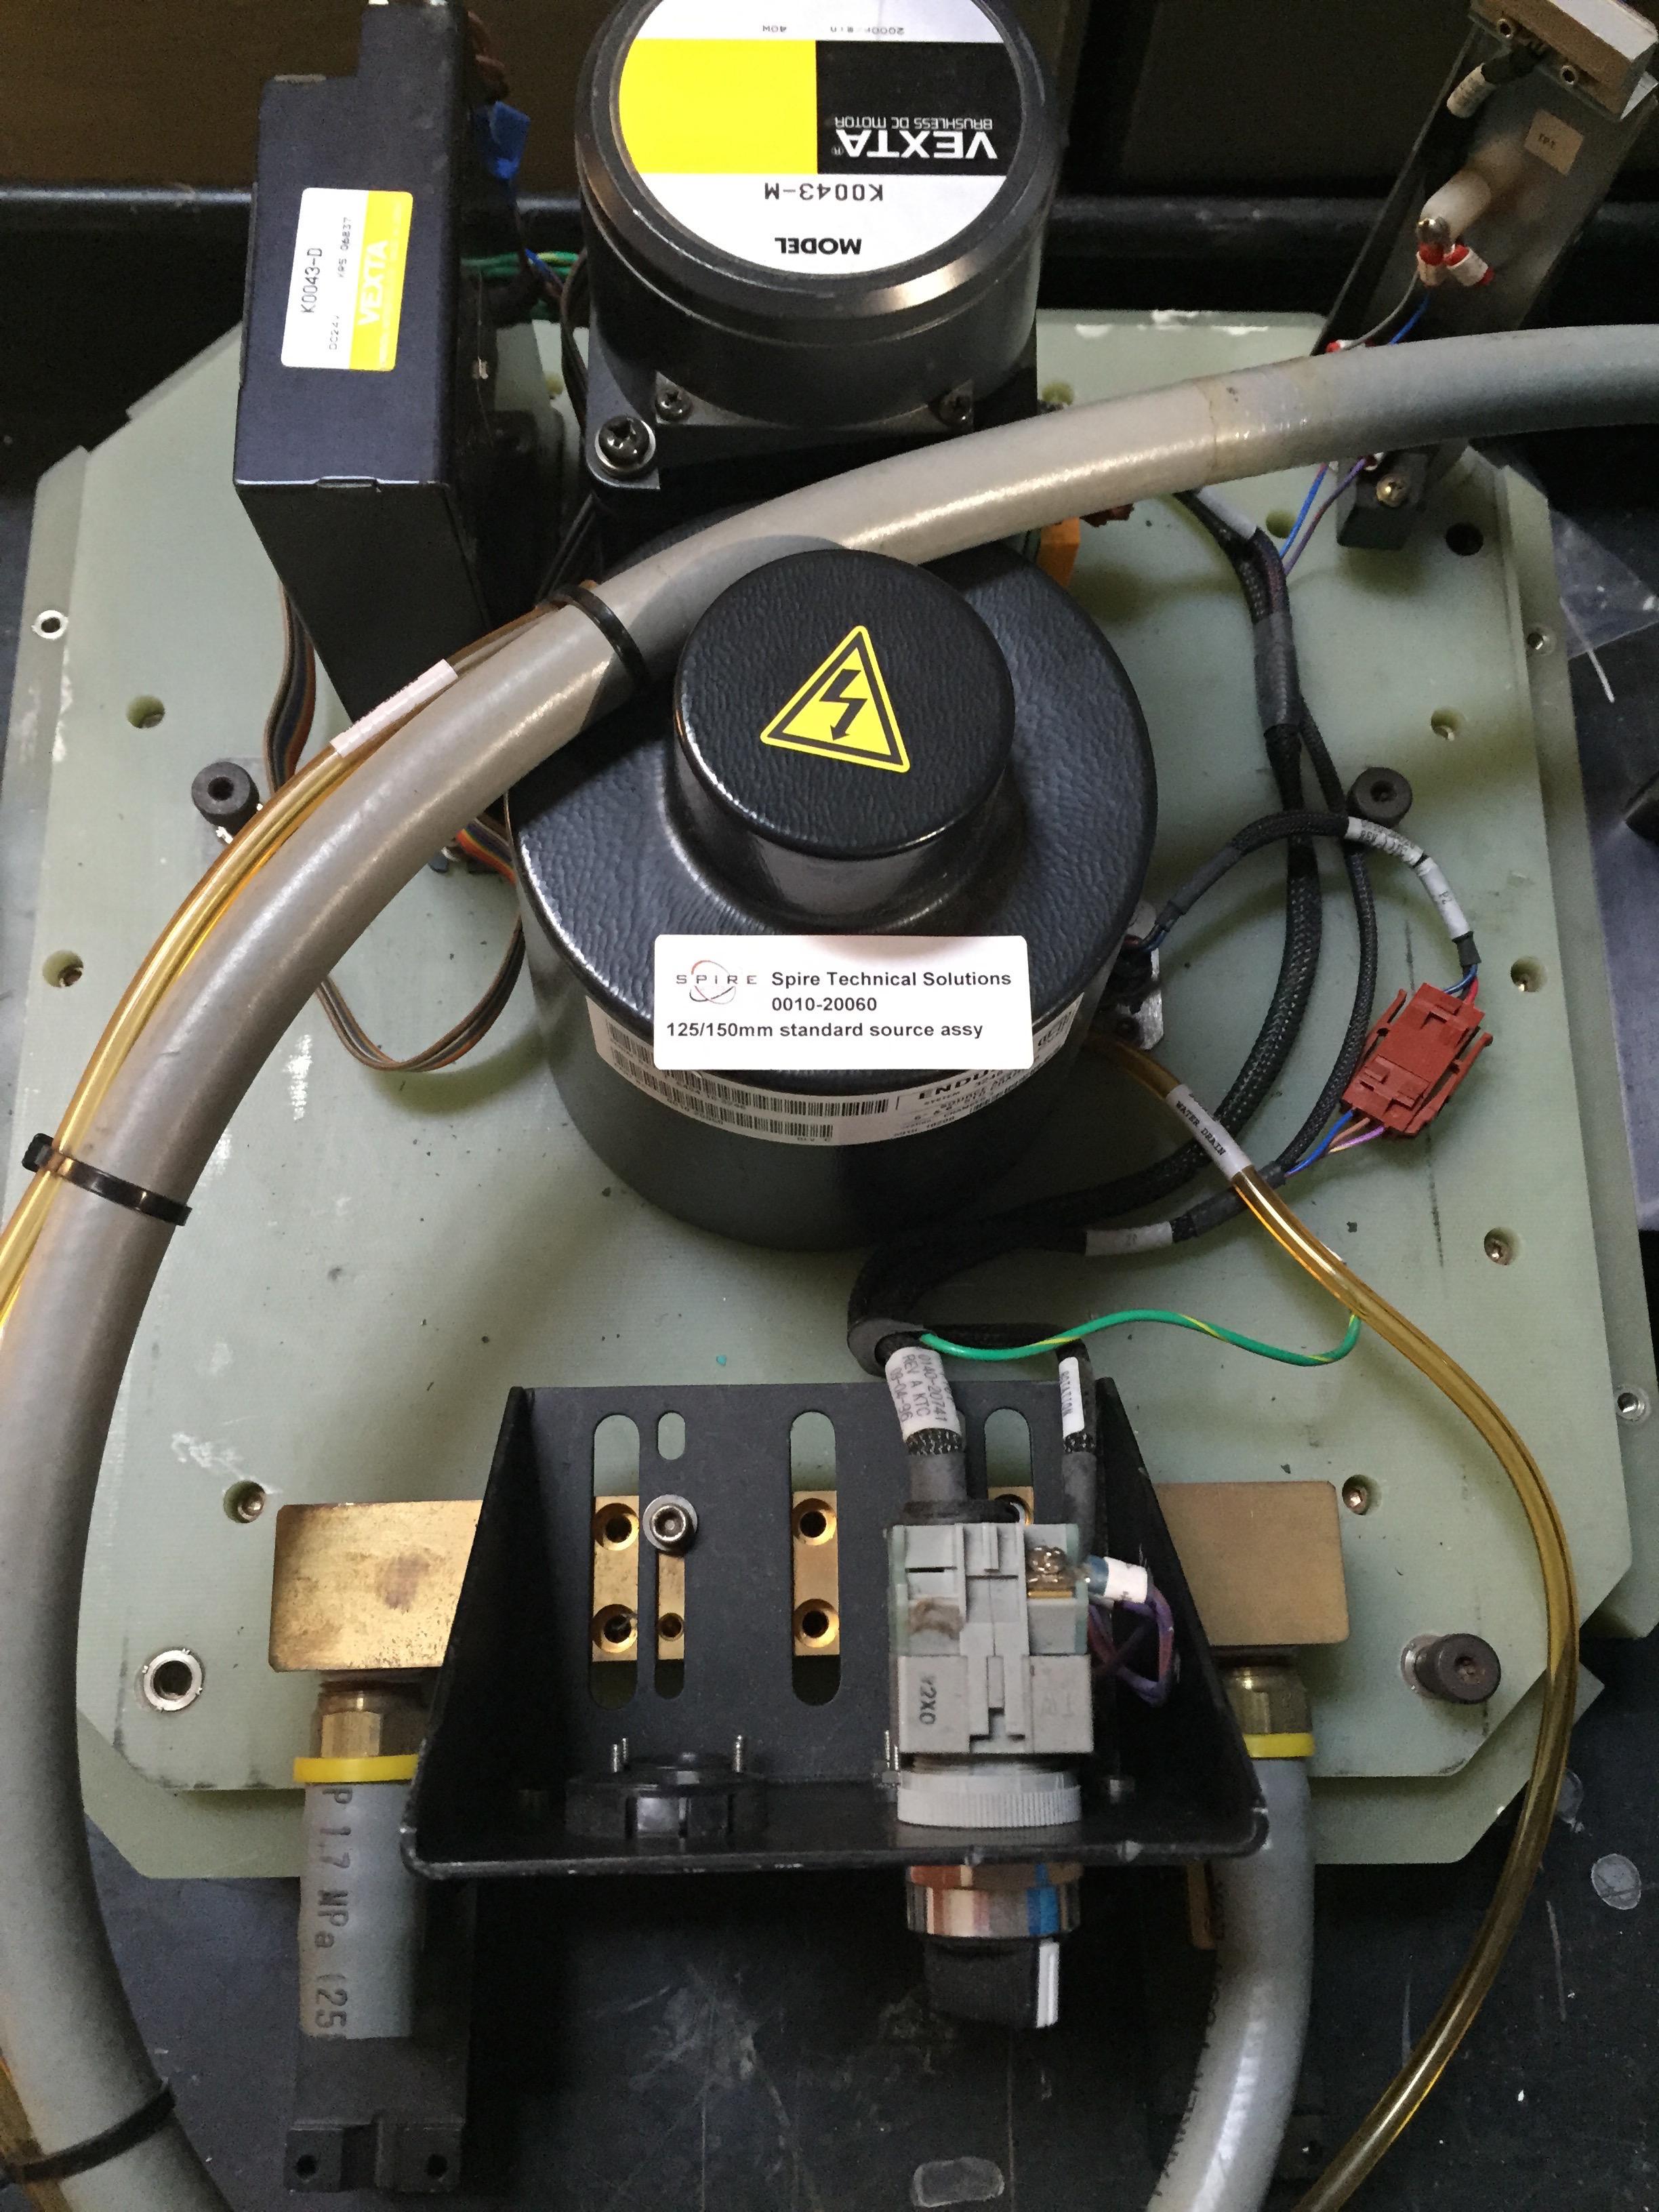 125/150mm standard source assy